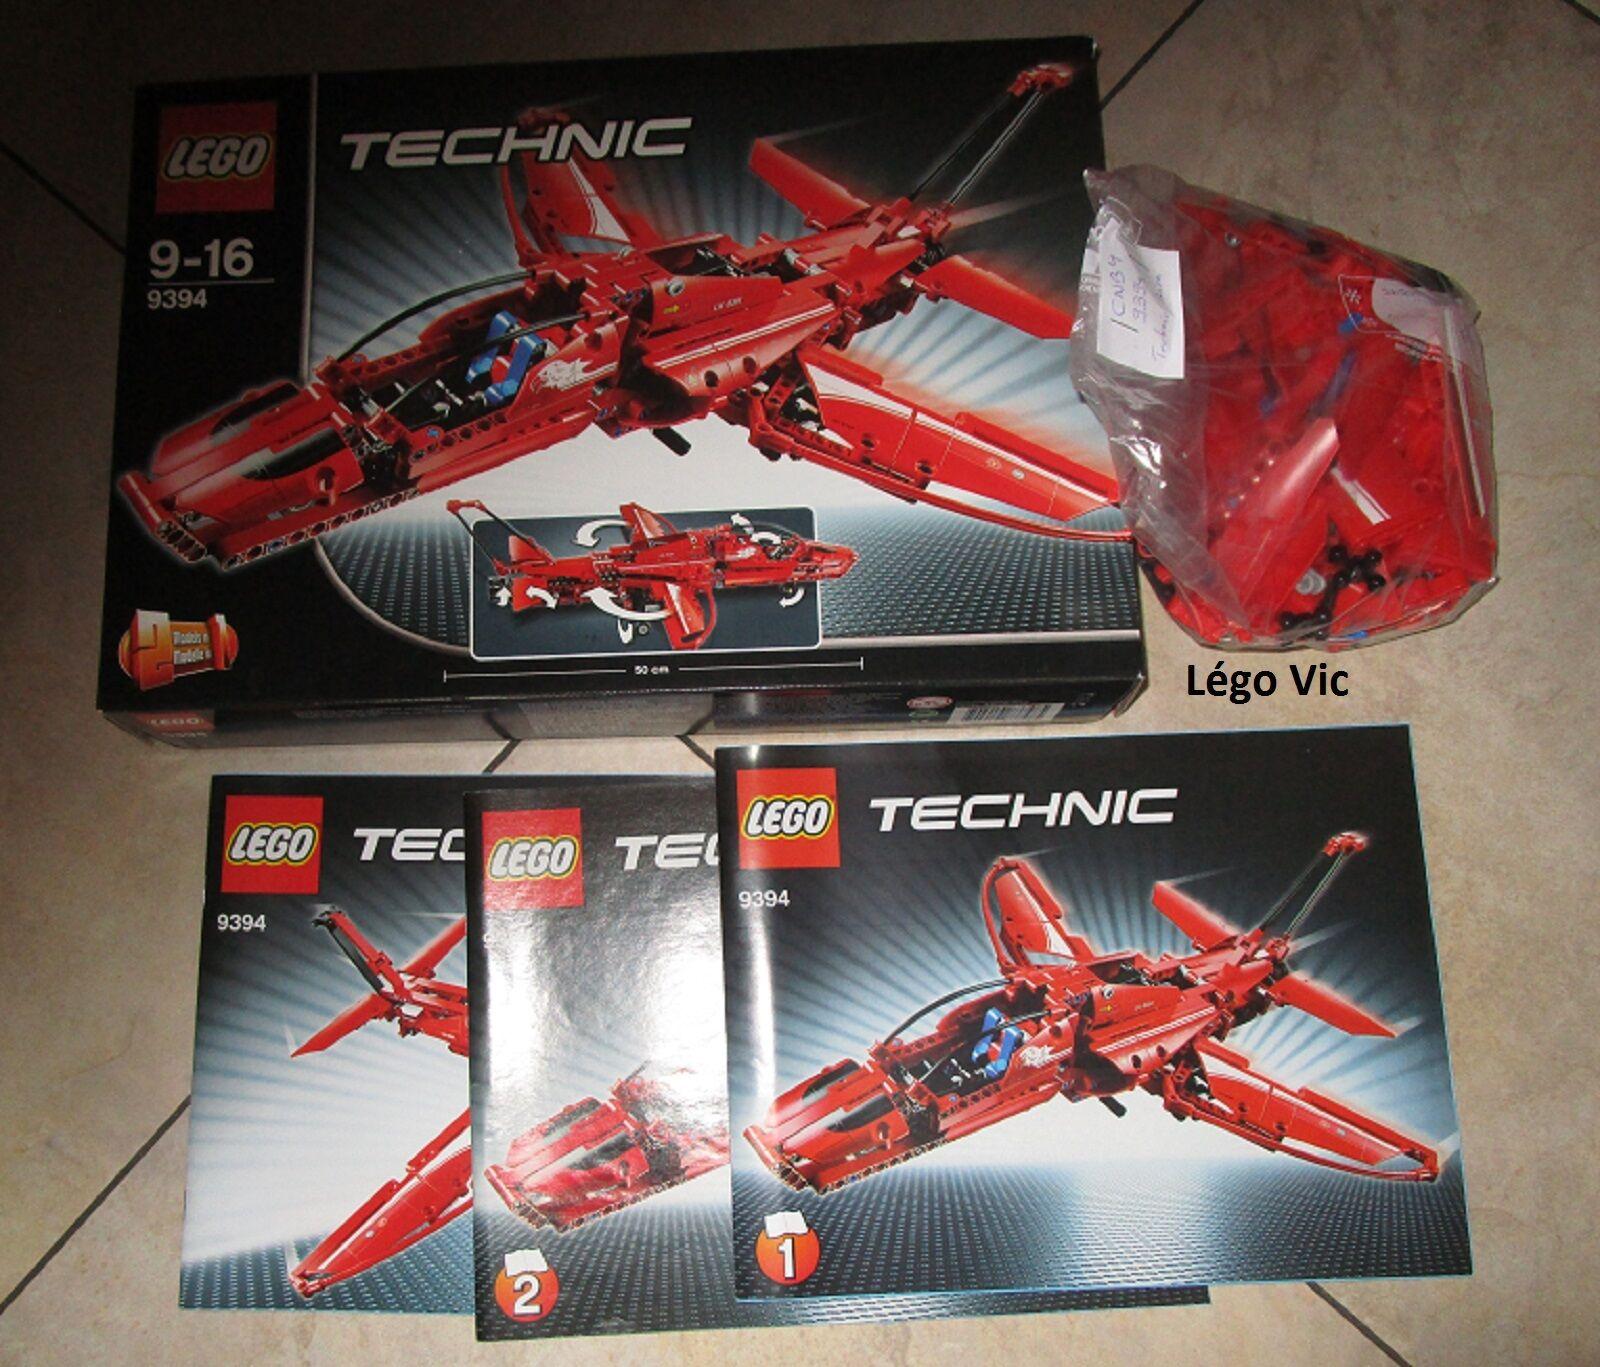 online economico Lego 9394 Technic Jet Plane Plane Plane Avion Supersonique + notice + boite complet de 2012  la vostra soddisfazione è il nostro obiettivo